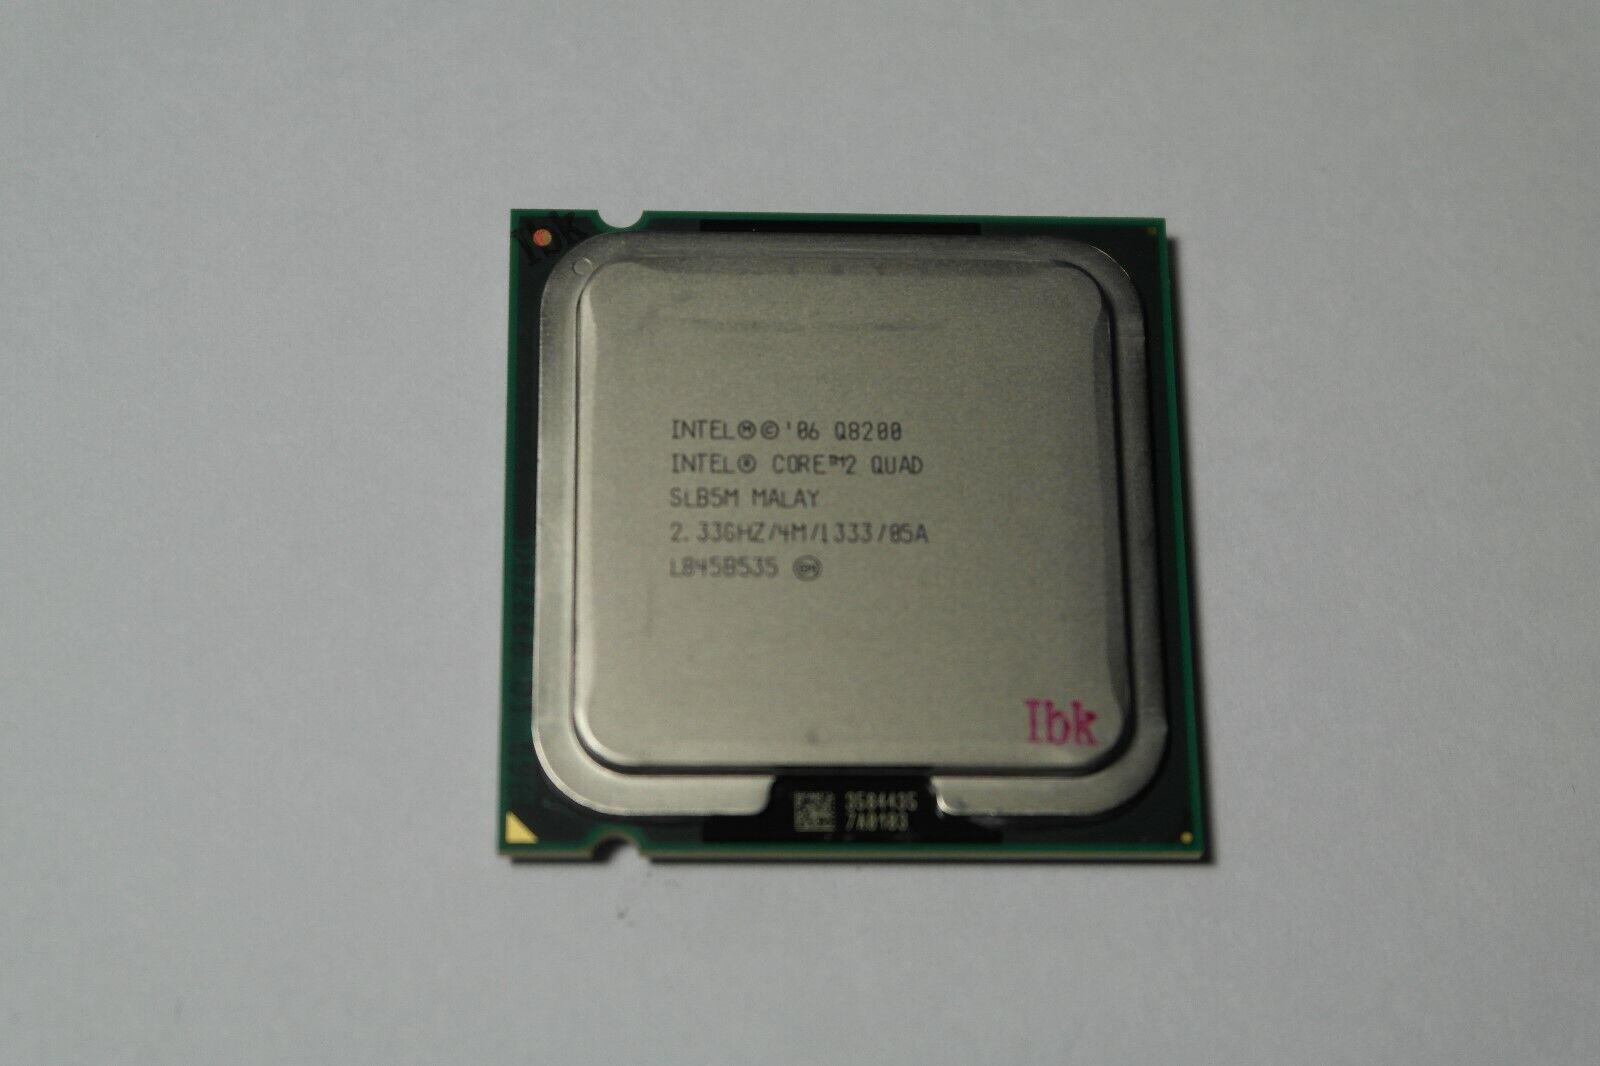 Pleasing Intel Core 2 Quad Q8200 2 33Ghz Quad Core Eu80580Pj0534Mn Processor Unemploymentrelief Wooden Chair Designs For Living Room Unemploymentrelieforg